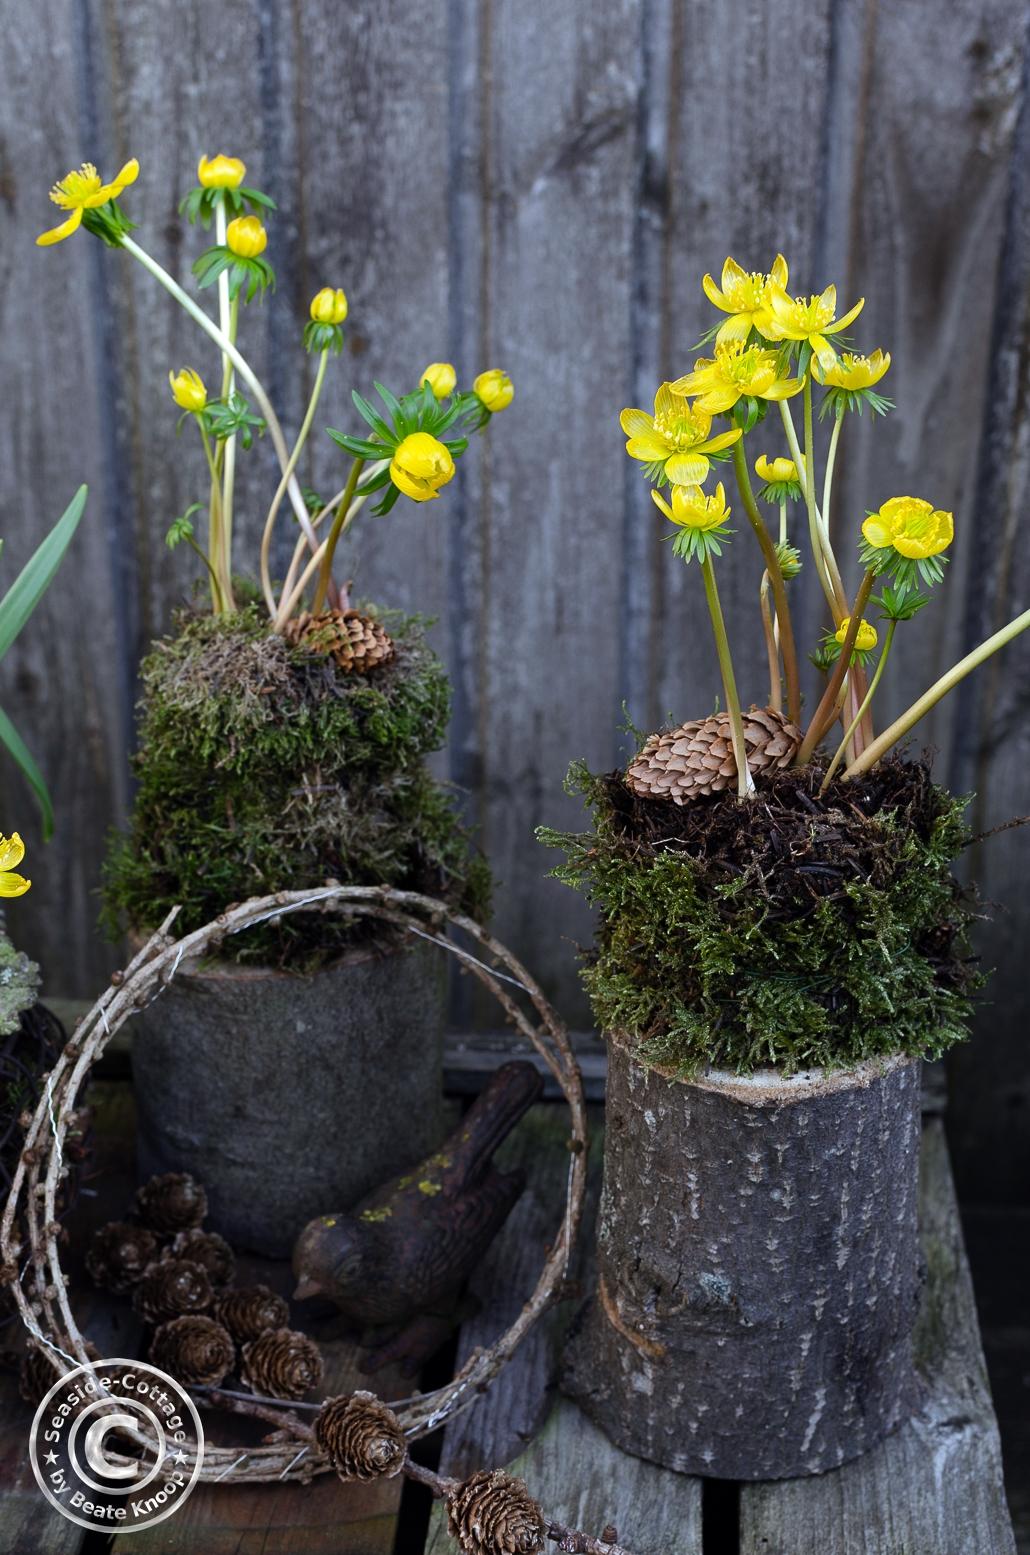 Naurnahe Gartendeko mit zwei in Moos gewickelete Winterling-Pflanzen auf kleinen Baumstämmen.